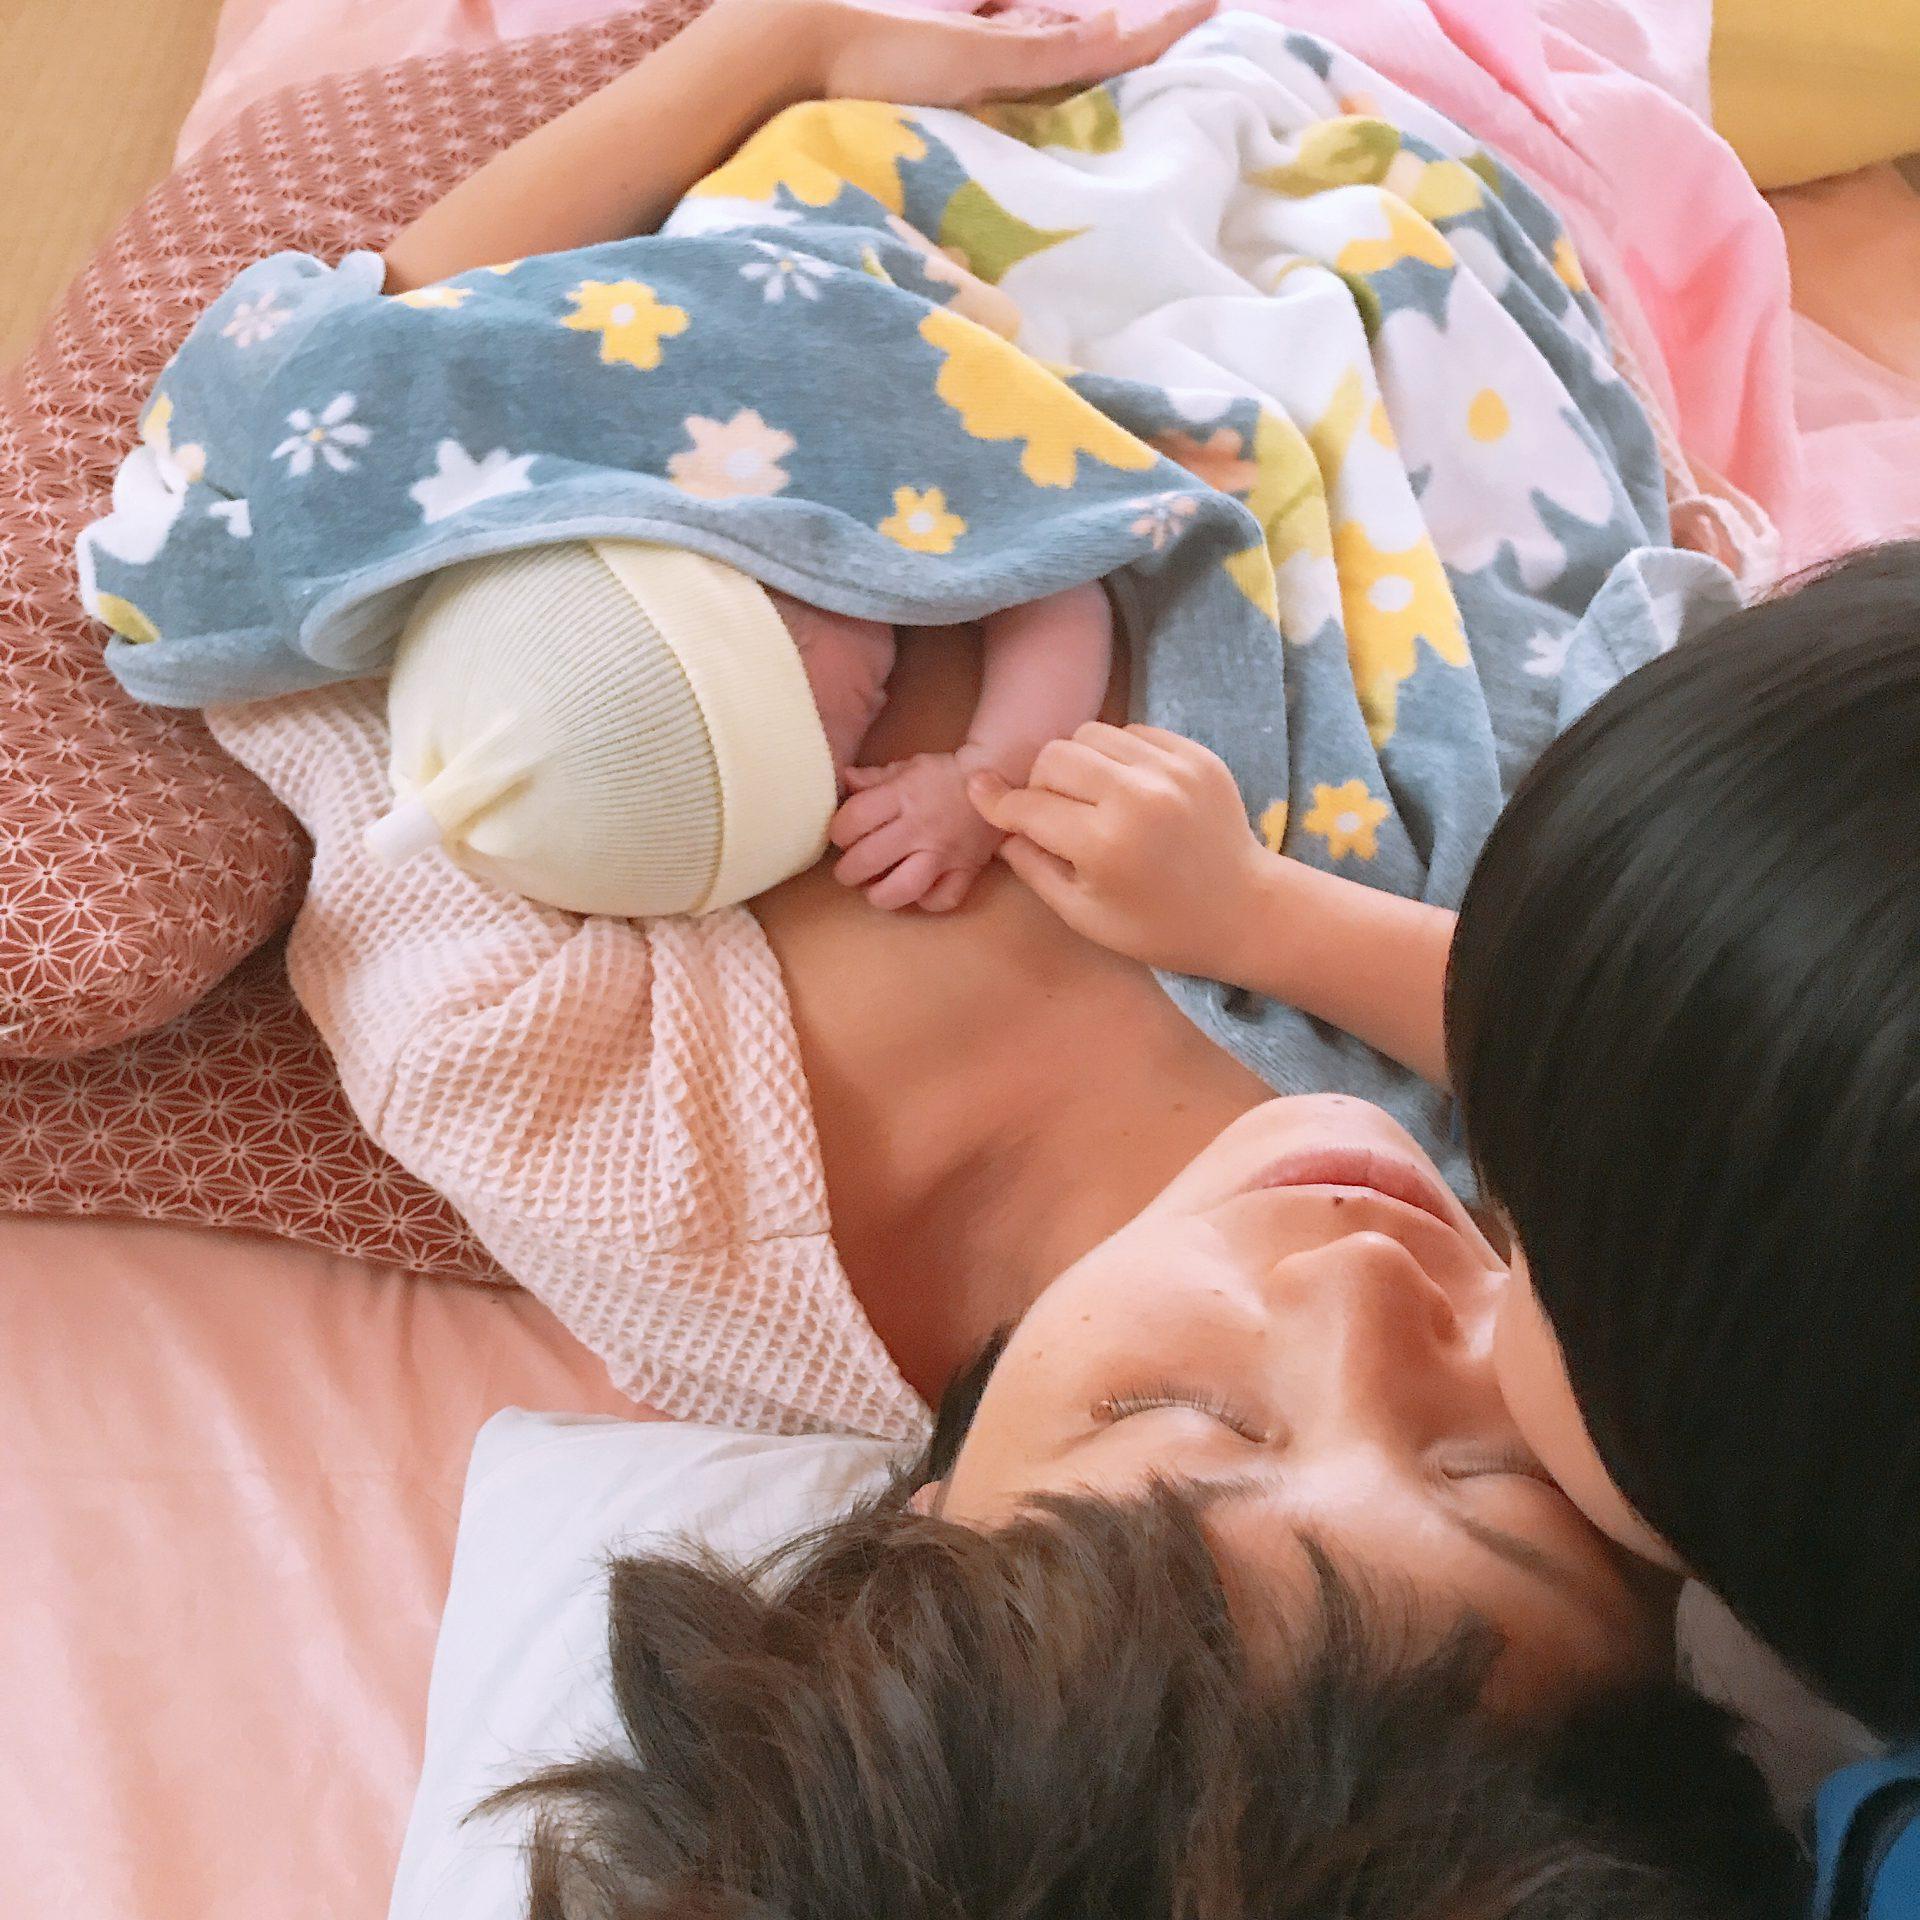 色々なカタチの出産スタイル。🐴🐴🐴無事に産まれてきてくれました♡